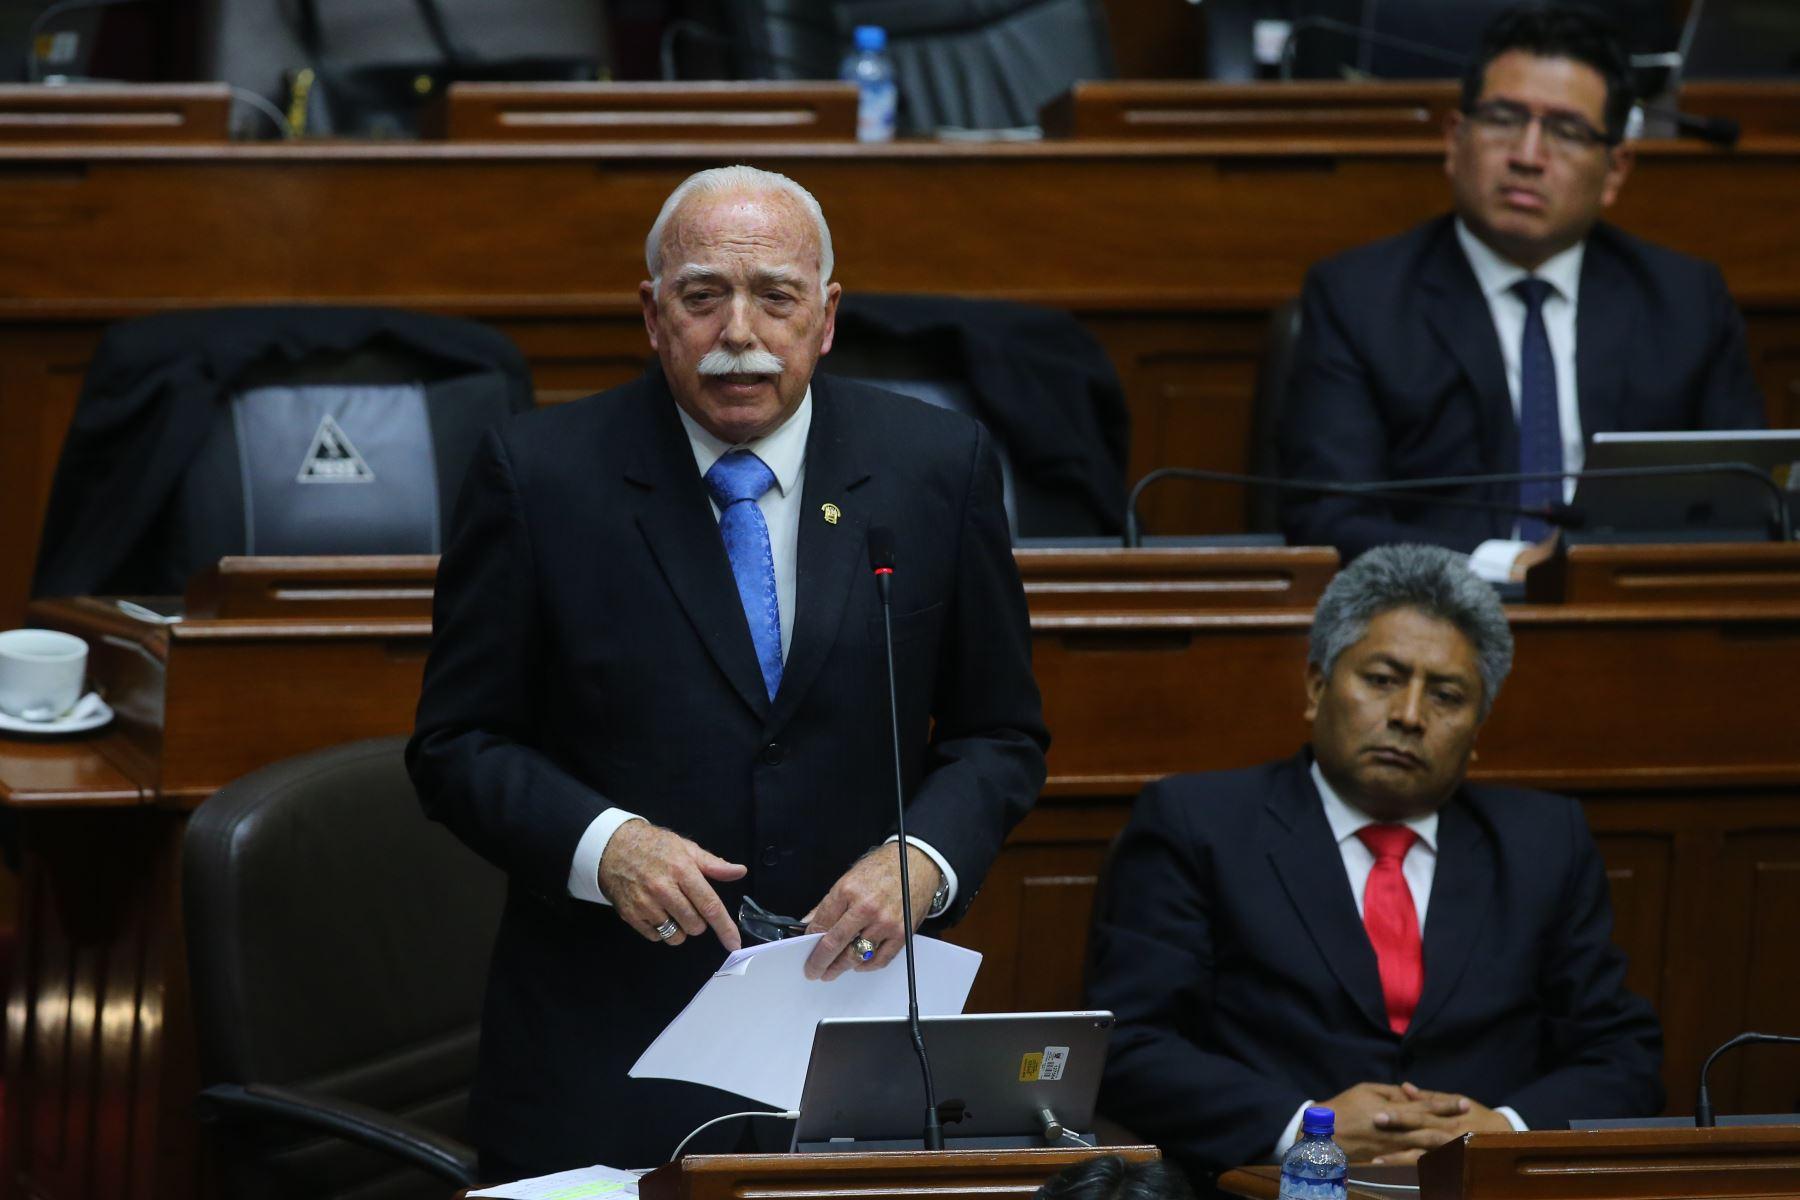 Congresista Carlos Tubino interviene en el debate sobre la cuestión de confianza en el Congreso de la República. Foto: ANDINA/Vidal Tarqui